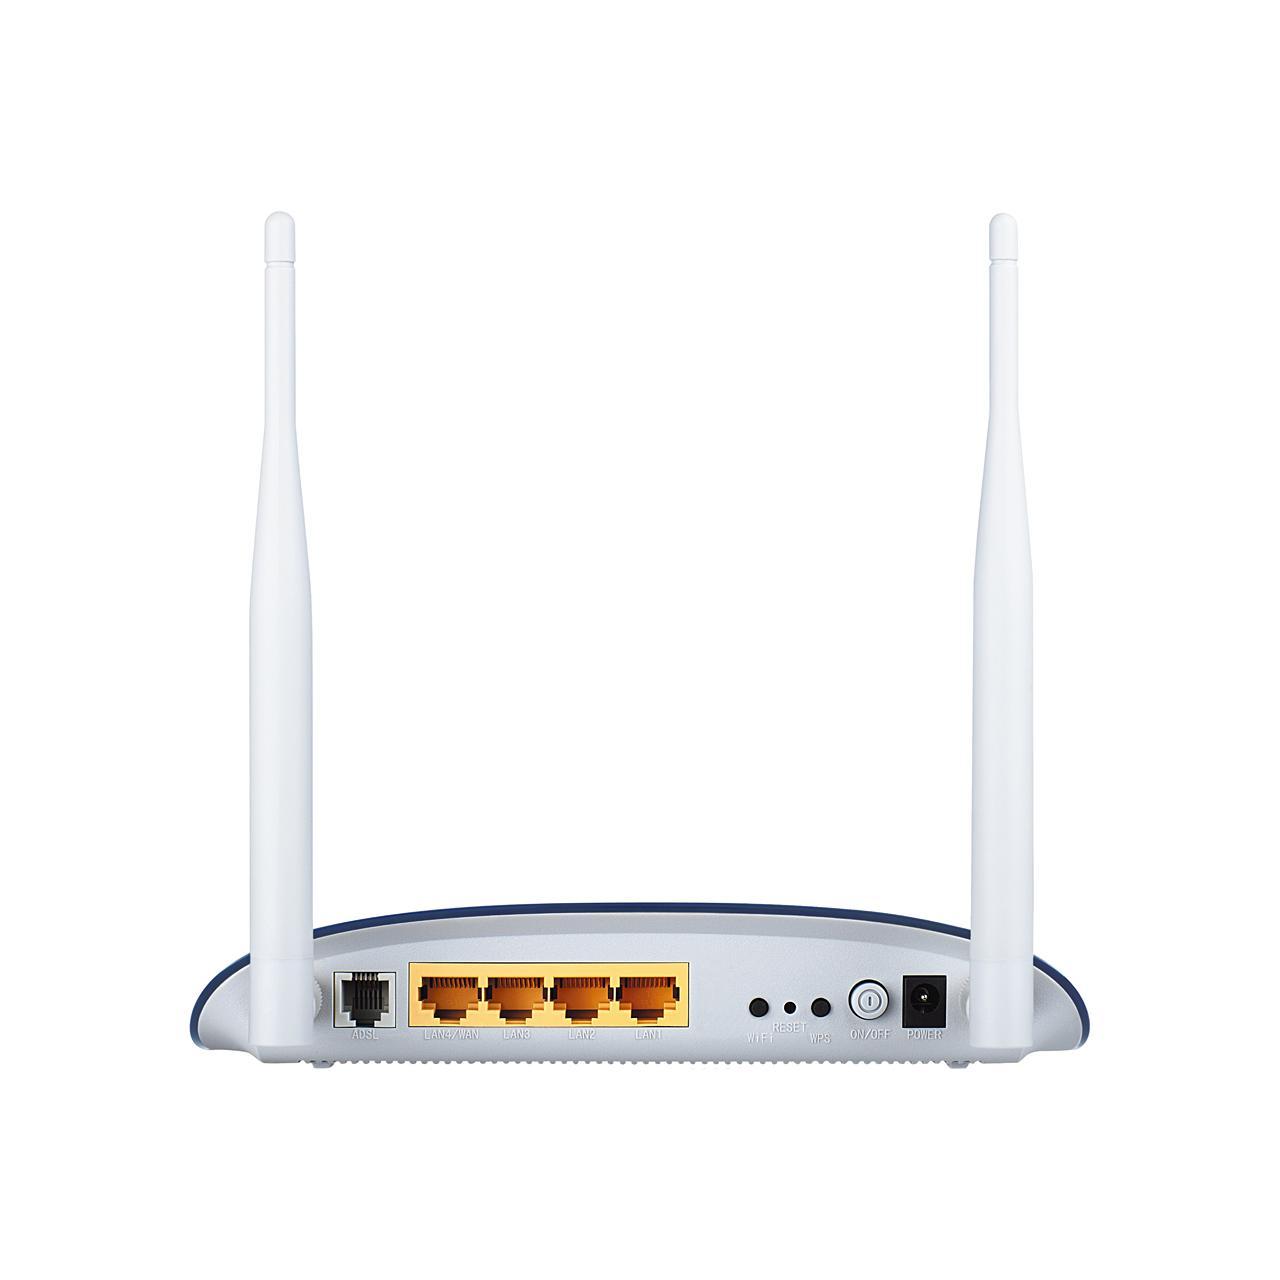 TP-LINK TD-W8960N WiFi Rūteris